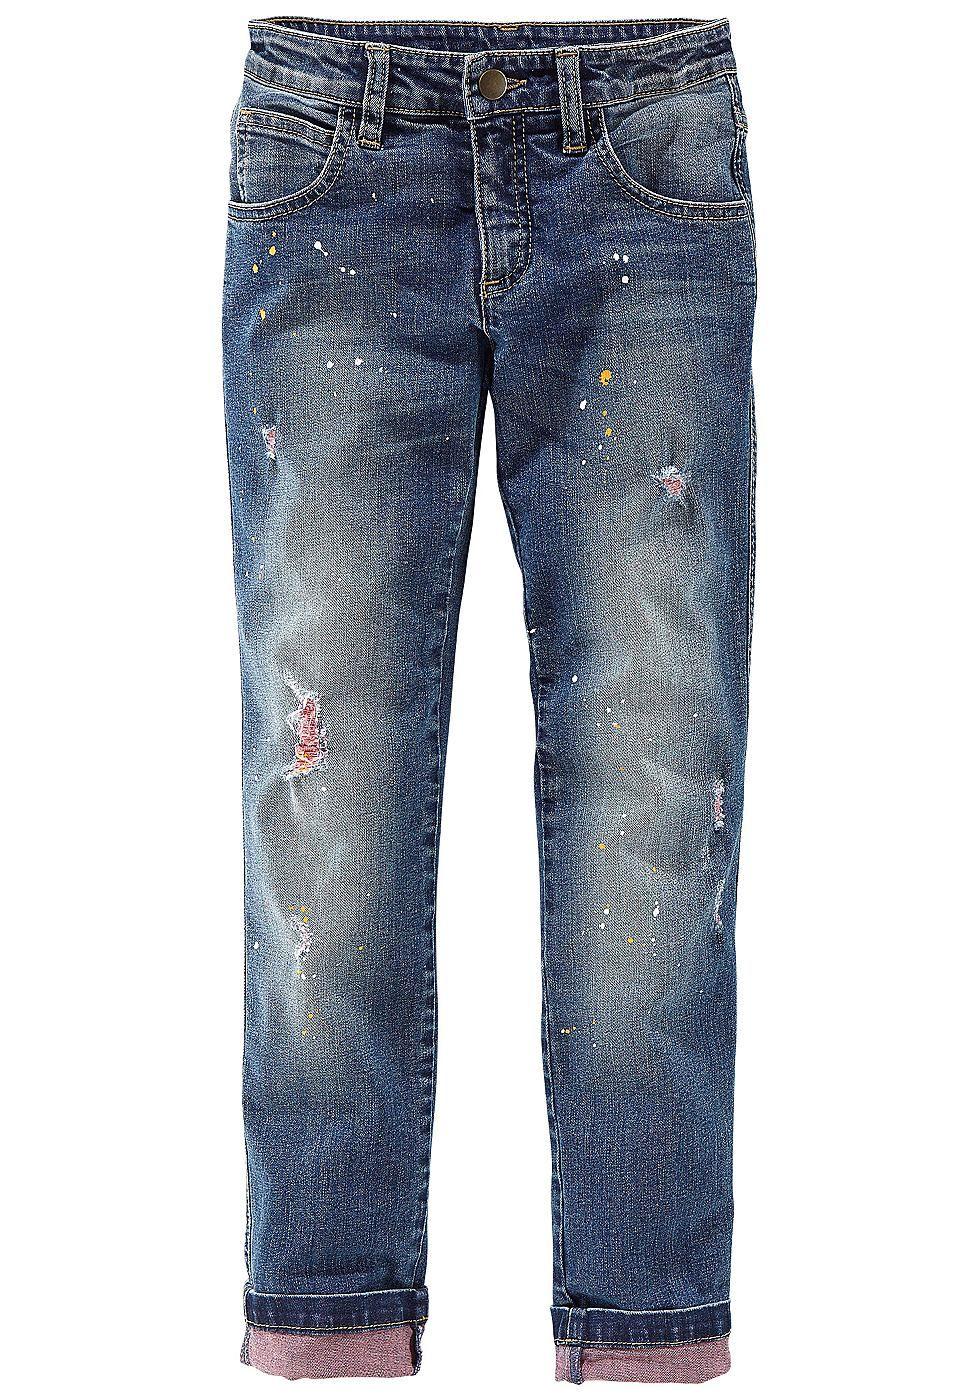 Produkttyp , Jeans, |Materialzusammensetzung , Obermaterial: 98% Baumwolle, 2% Elasthan, |Material , Jeans, |Passform , Schmale Form, |Beinform , schmal, |Beinlänge , lang, |Leibhöhe , normal, |Bund + Verschluss , verstellbarer Innen-Gummizug bis Gr. 146, |Gesäßtaschen , Tasche aufgesetzt, |Beinabschluss , Kante abgesteppt, |Optik , leichte Abriebeffekte, |Pflegehinweise , Maschinenwäsche, |Aus...